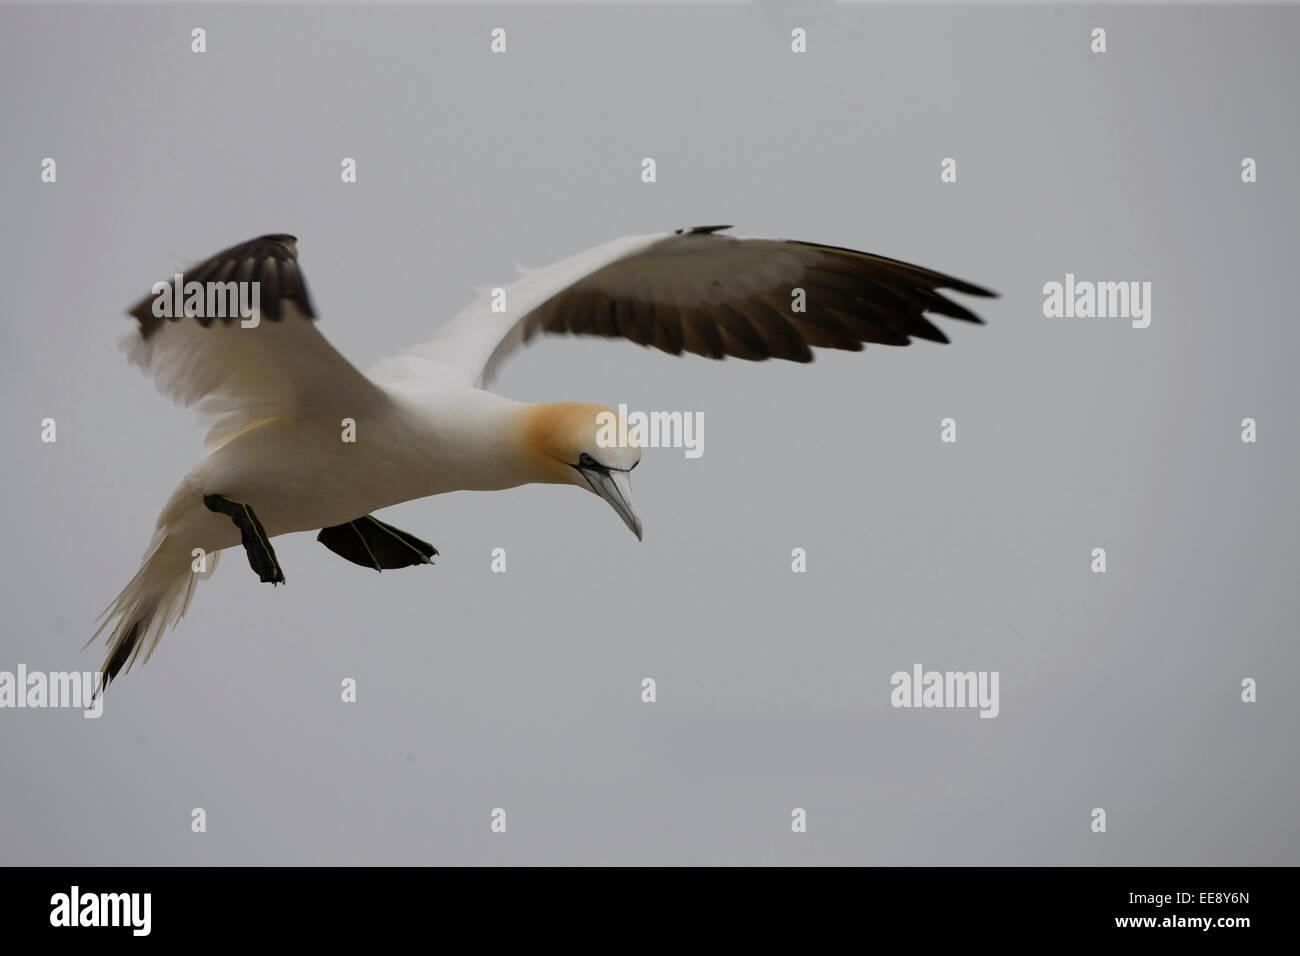 Gannet Flying - Stock Image